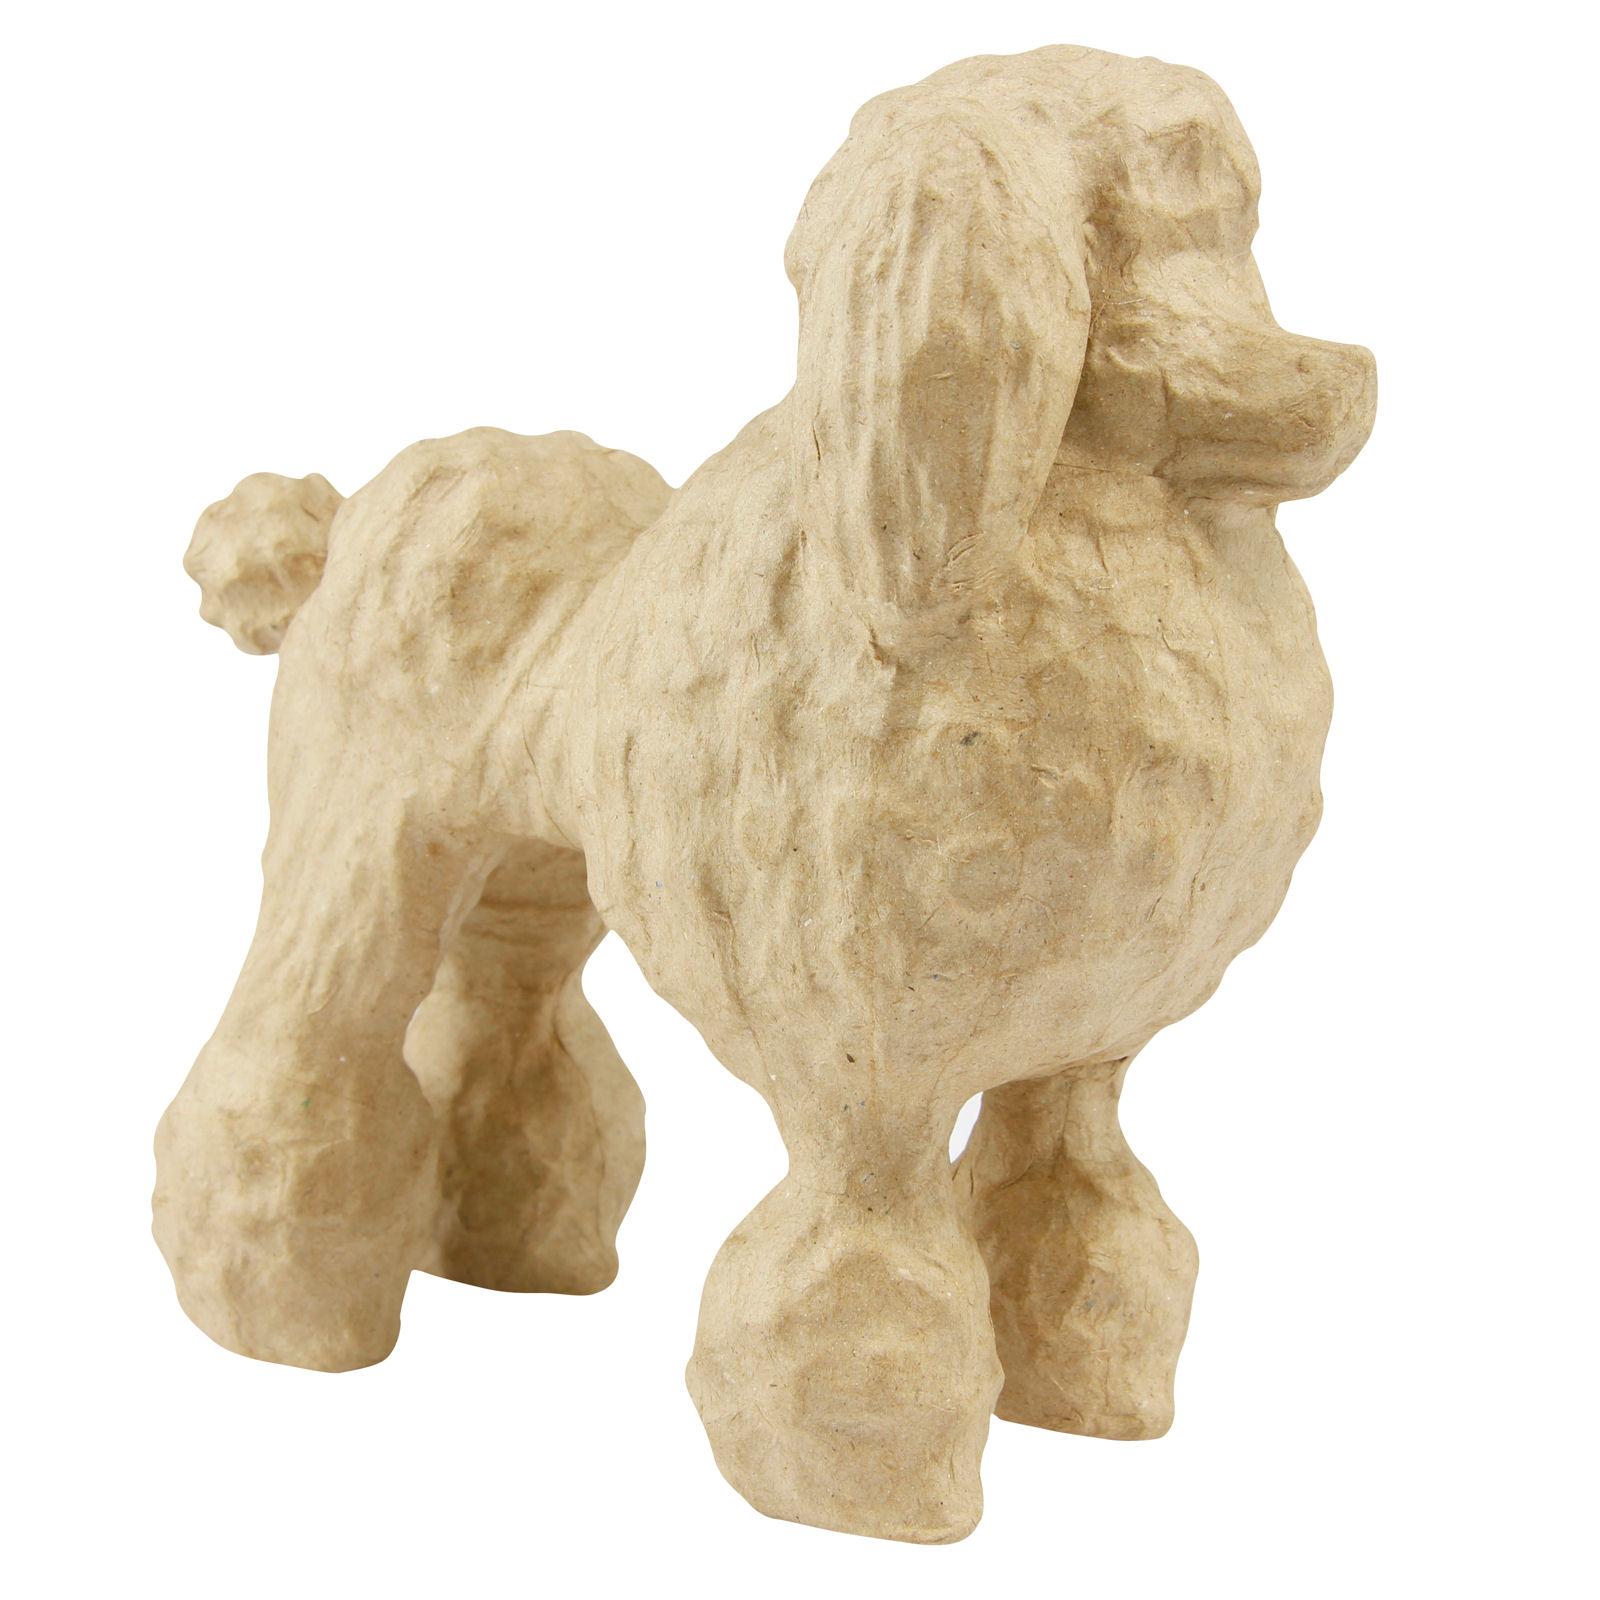 Decopatch decoupage papier mache animals small range ebay for Decopatch papier